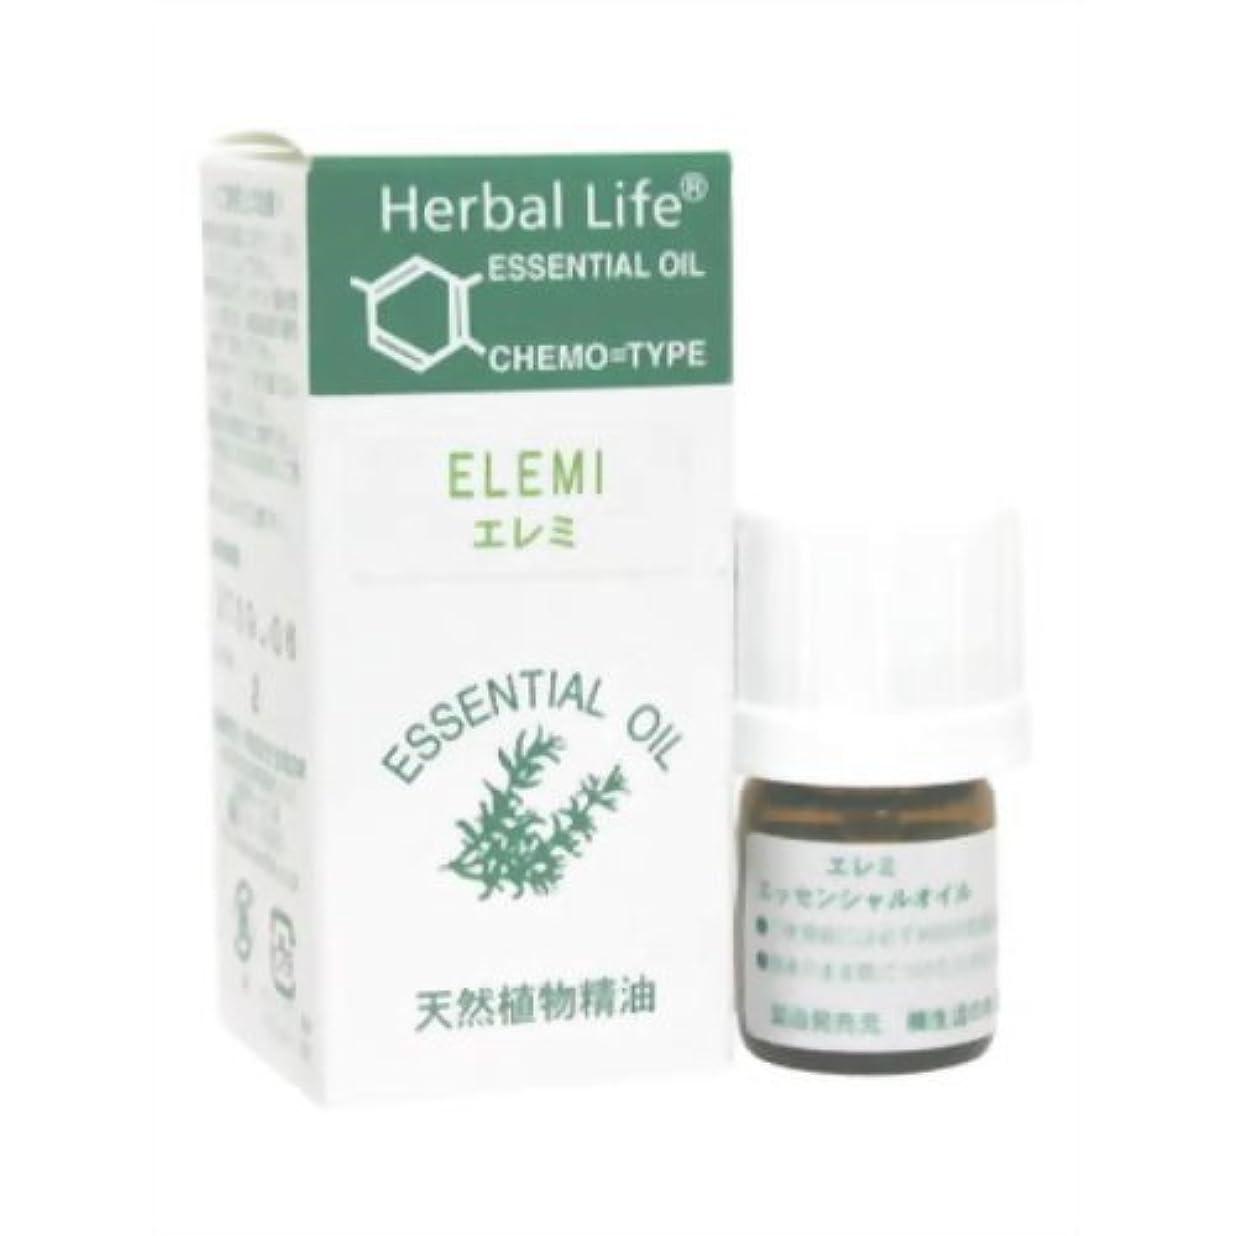 支配するクレジット家具生活の木 Herbal Life エレミ 3ml